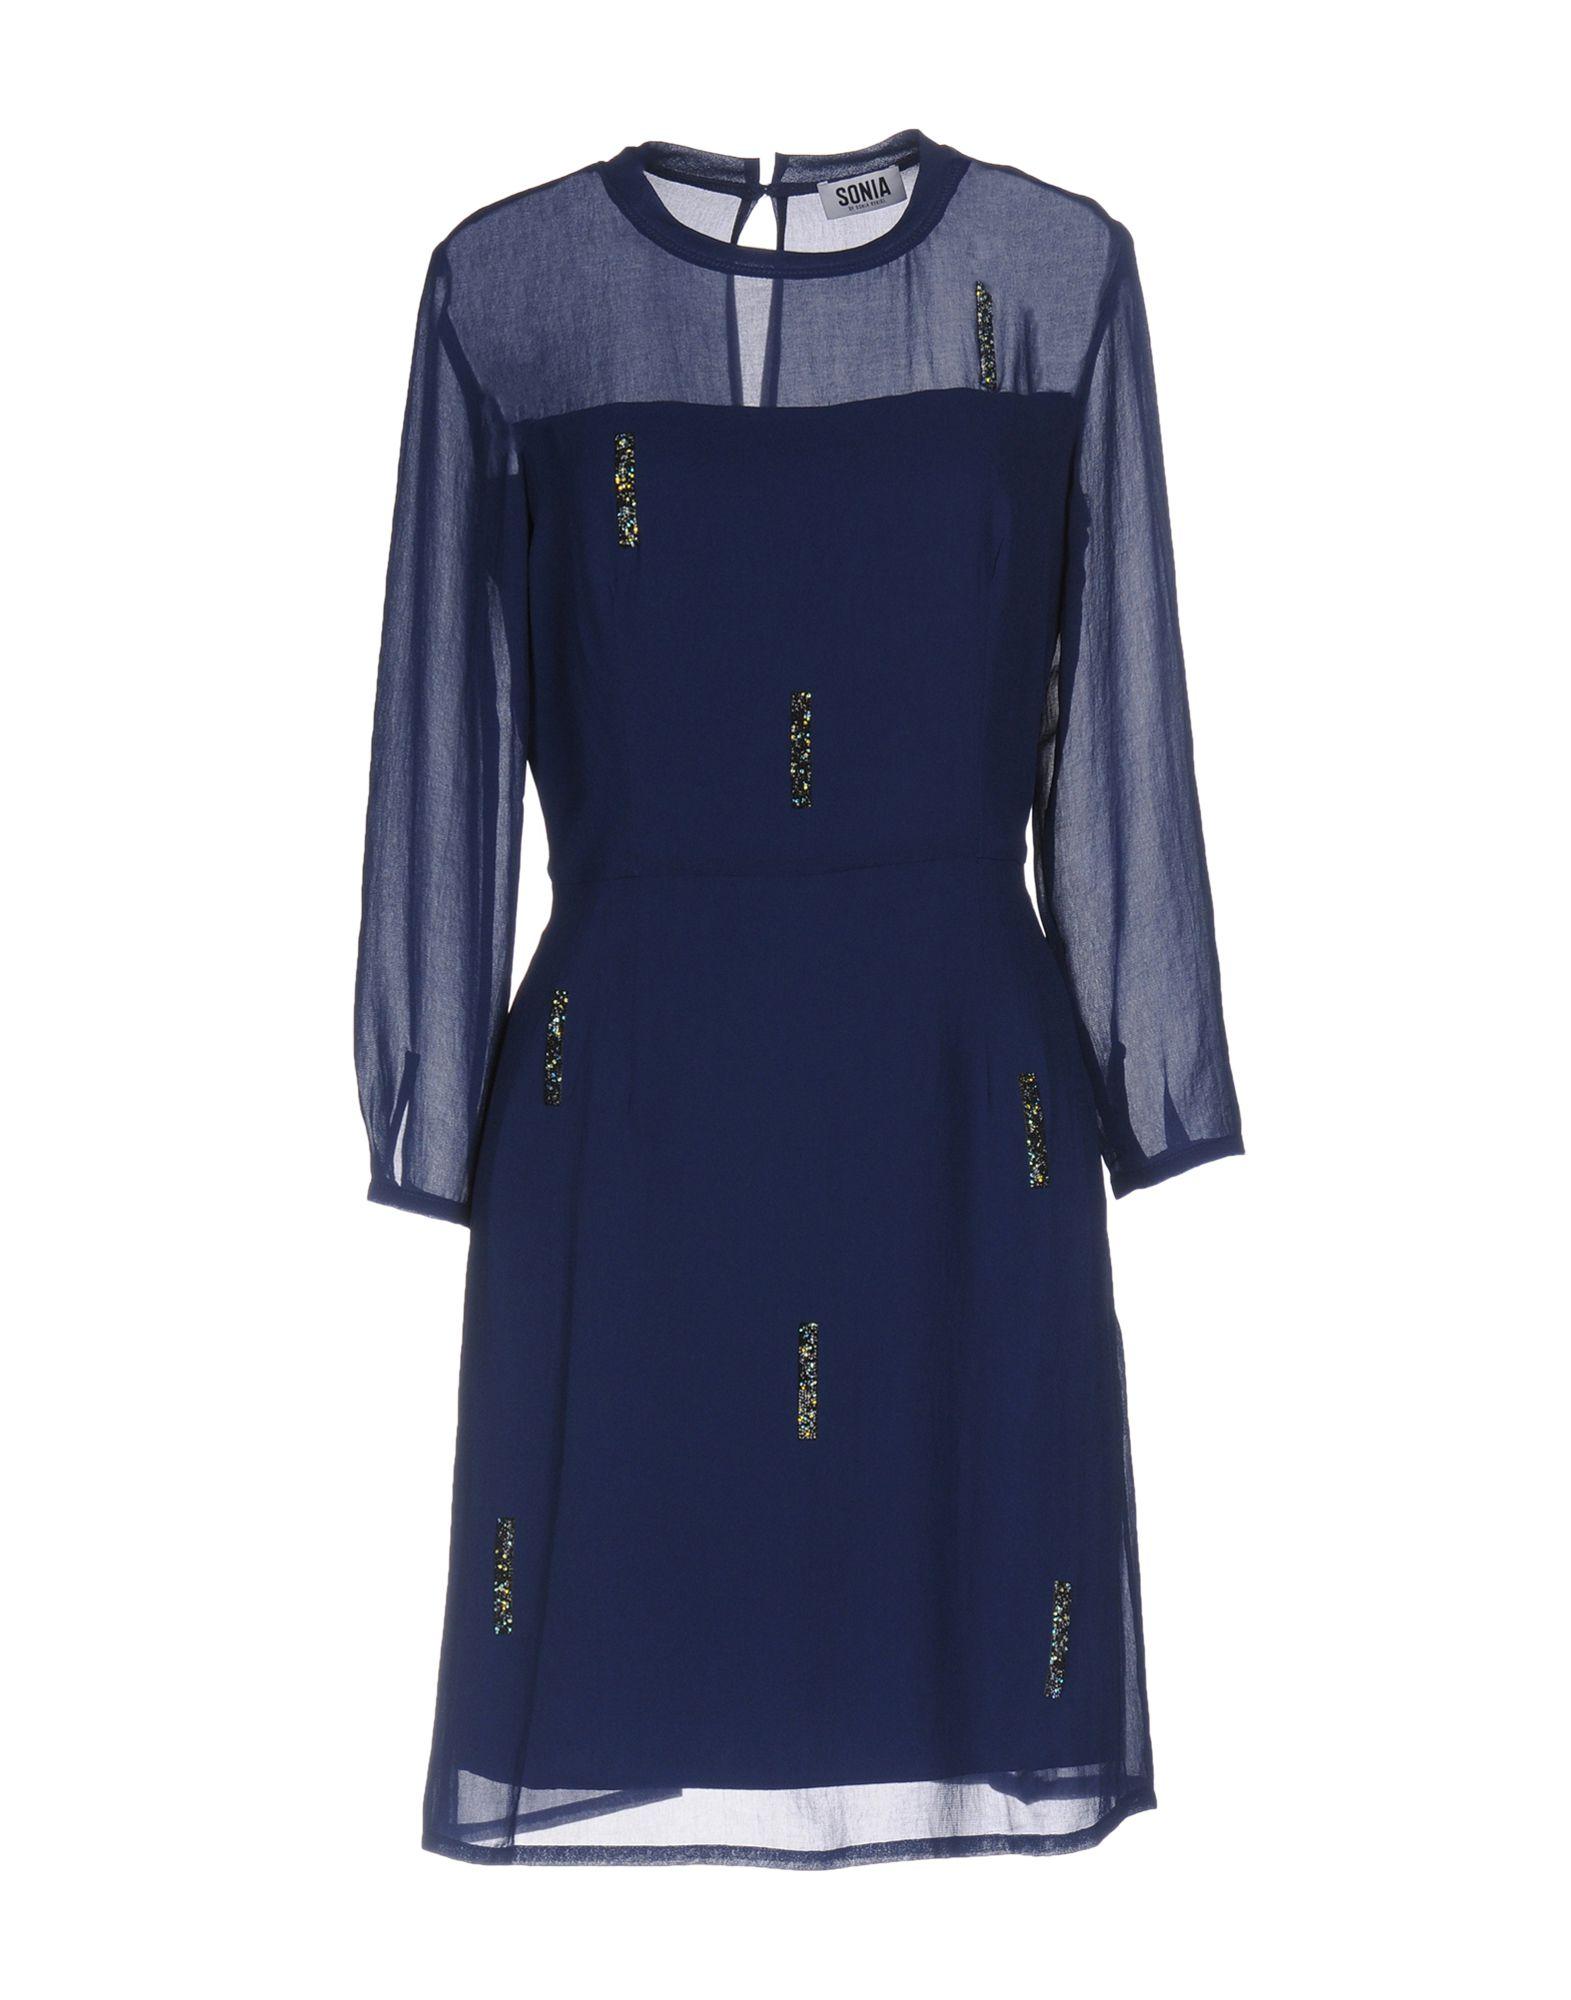 《セール開催中》SONIA by SONIA RYKIEL レディース ミニワンピース&ドレス ブルー 36 トリアセテート 70% / ポリエステル 30% / クリスタル